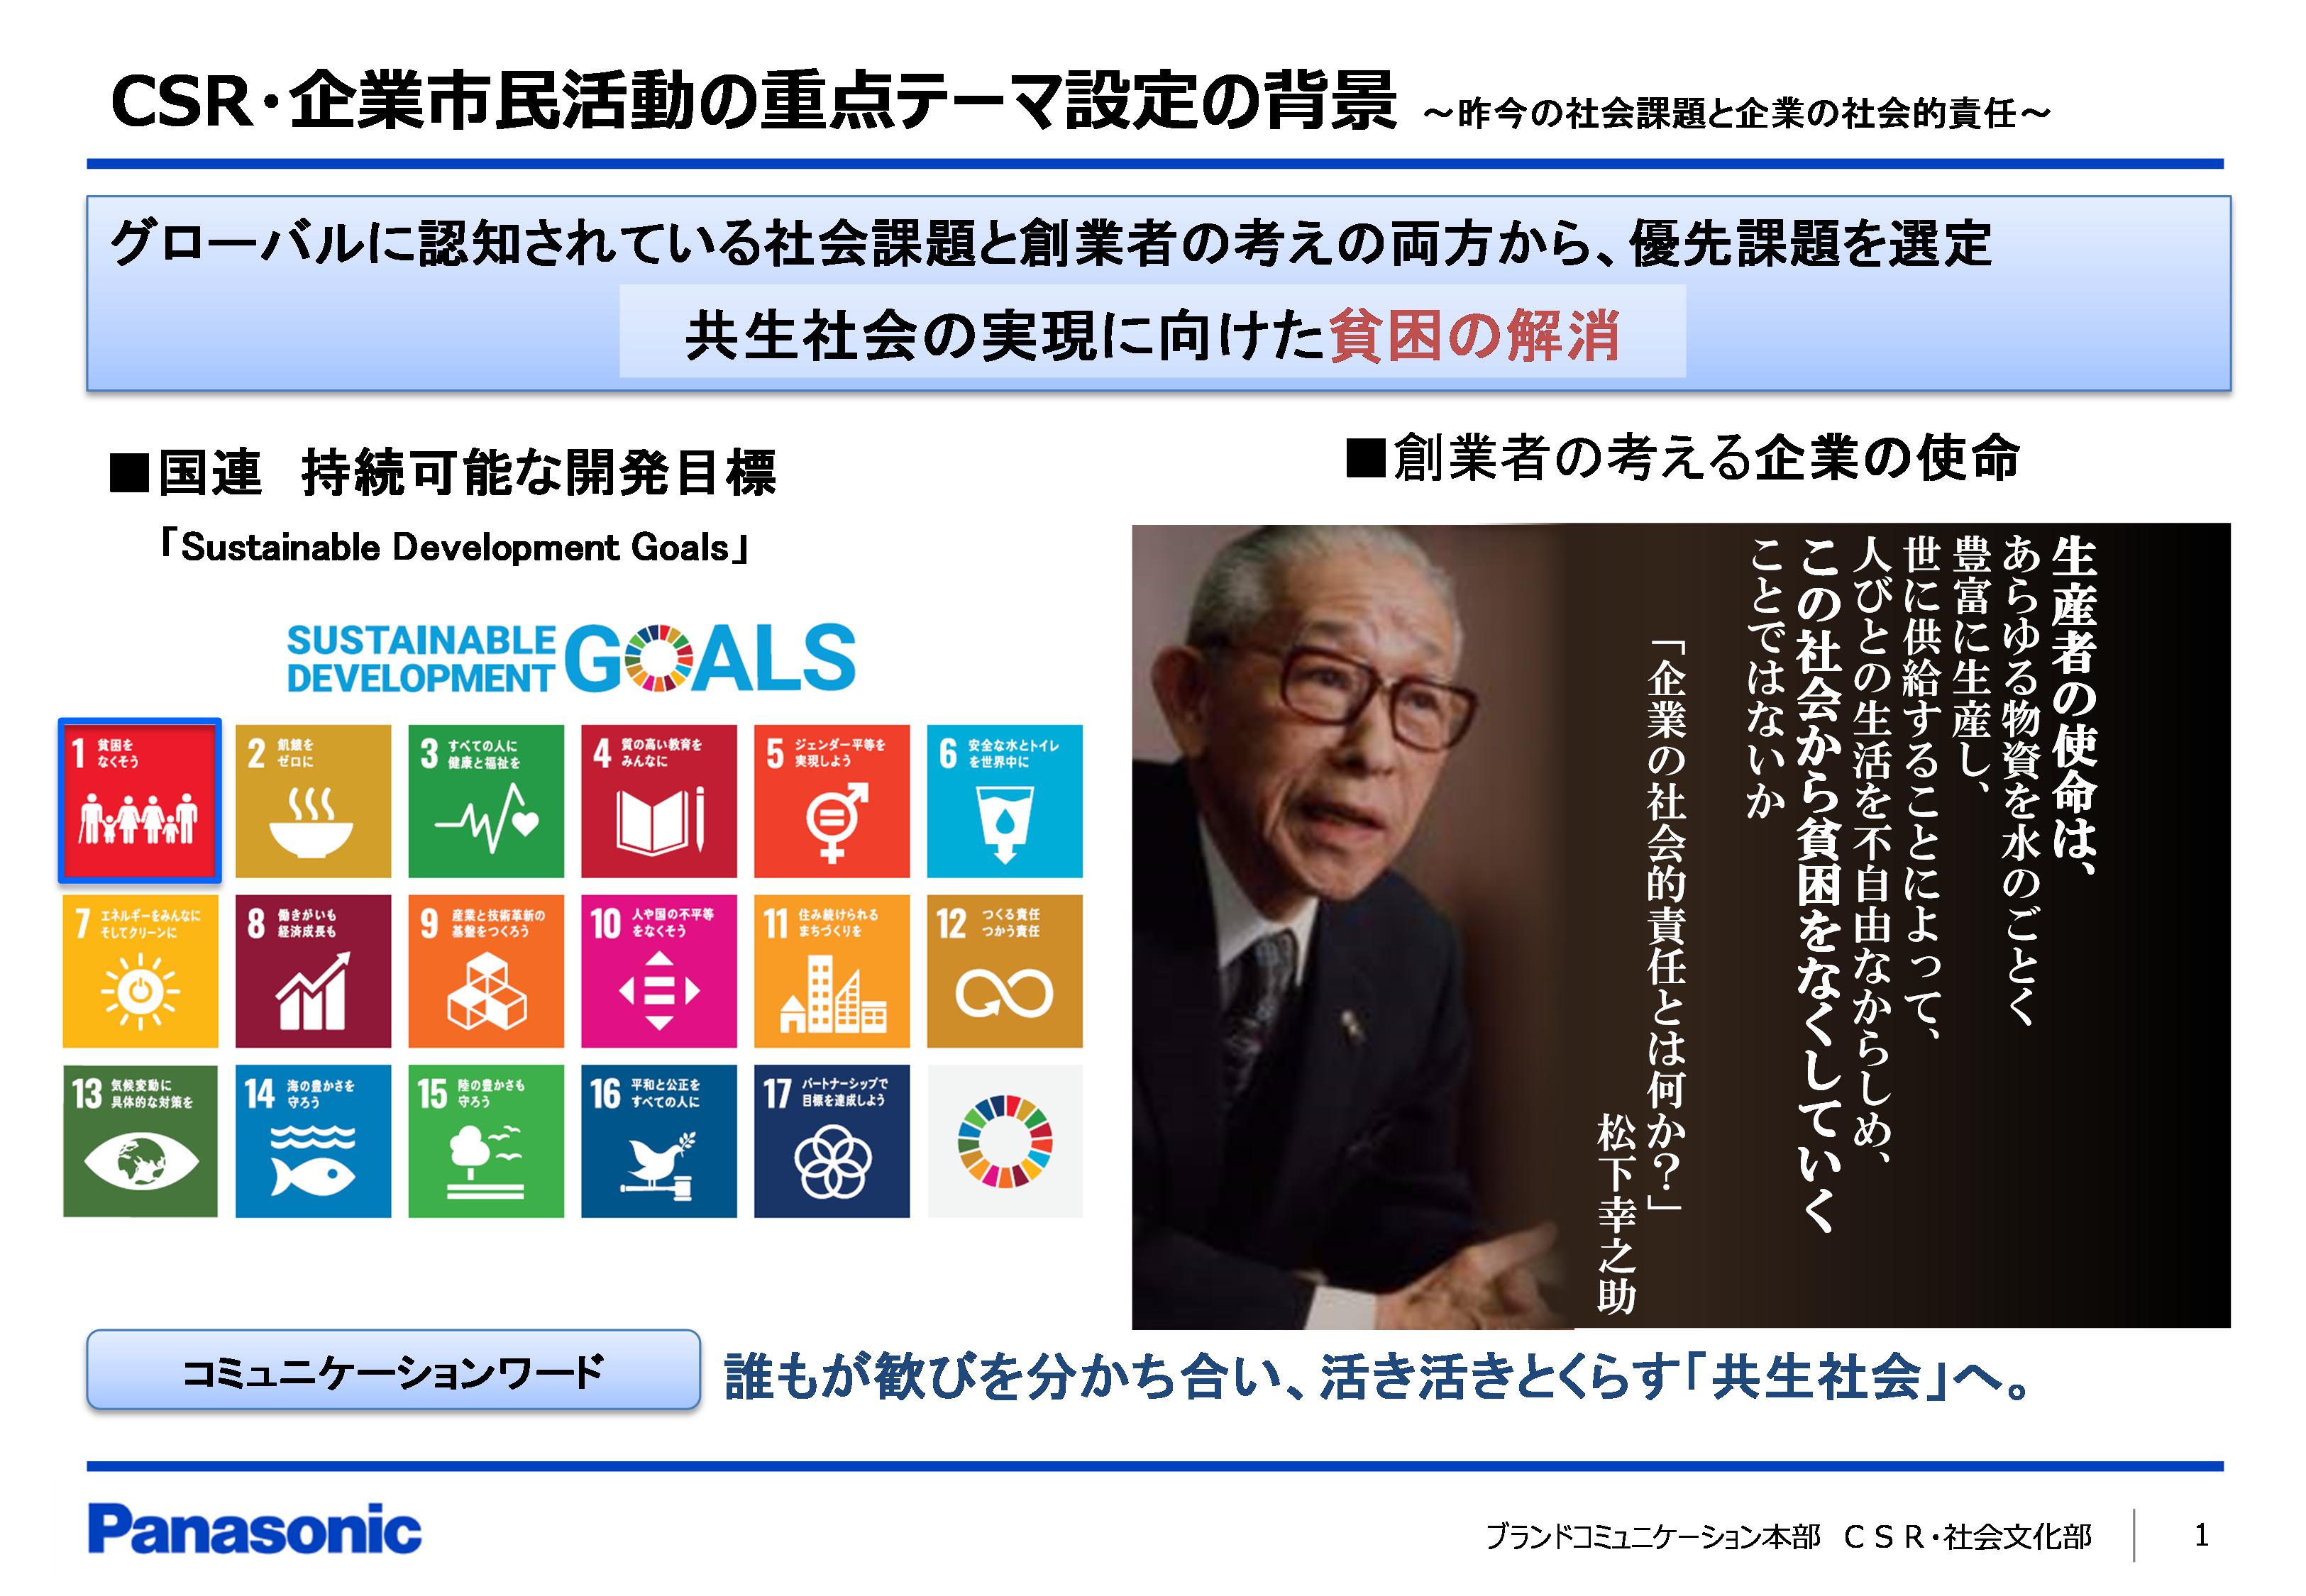 【取り組み事例】Panasonic NPO/NGOサポートファンド for SDGs